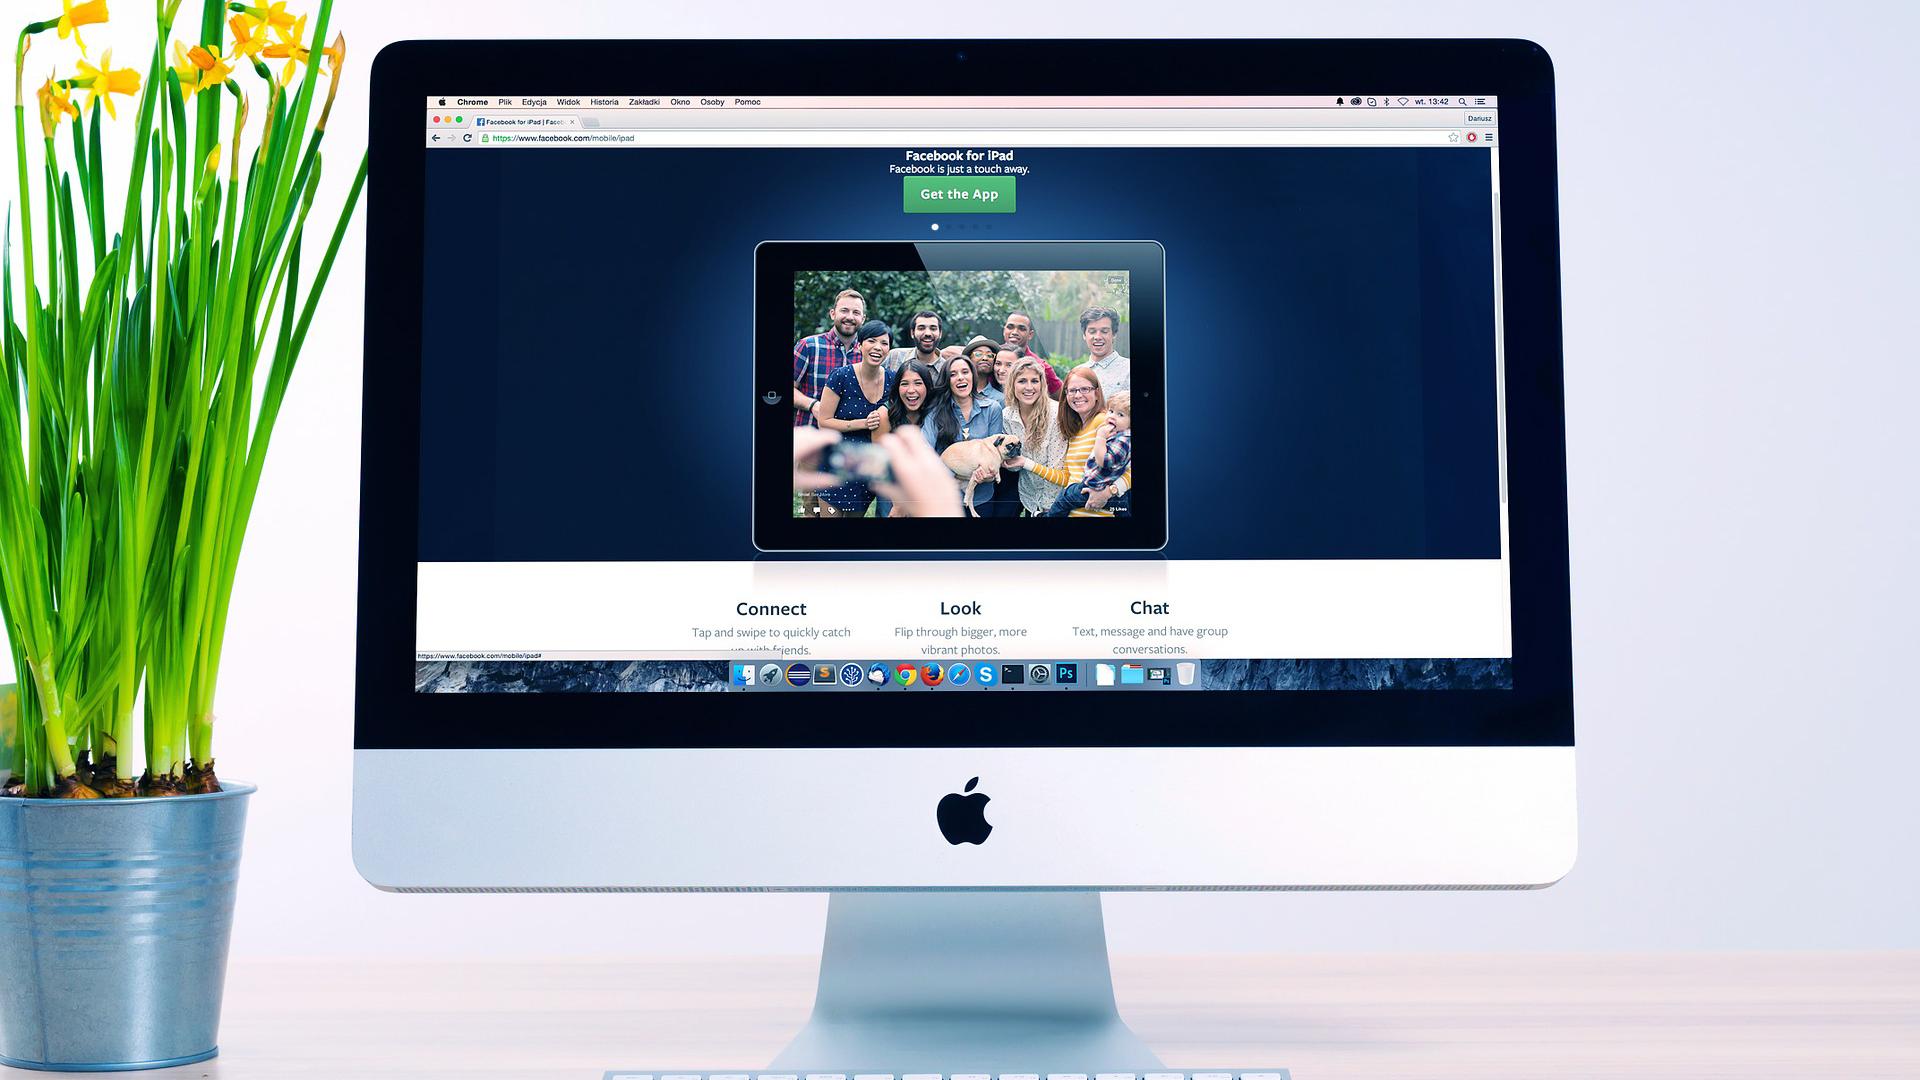 MGEMS Marketing - Web Design